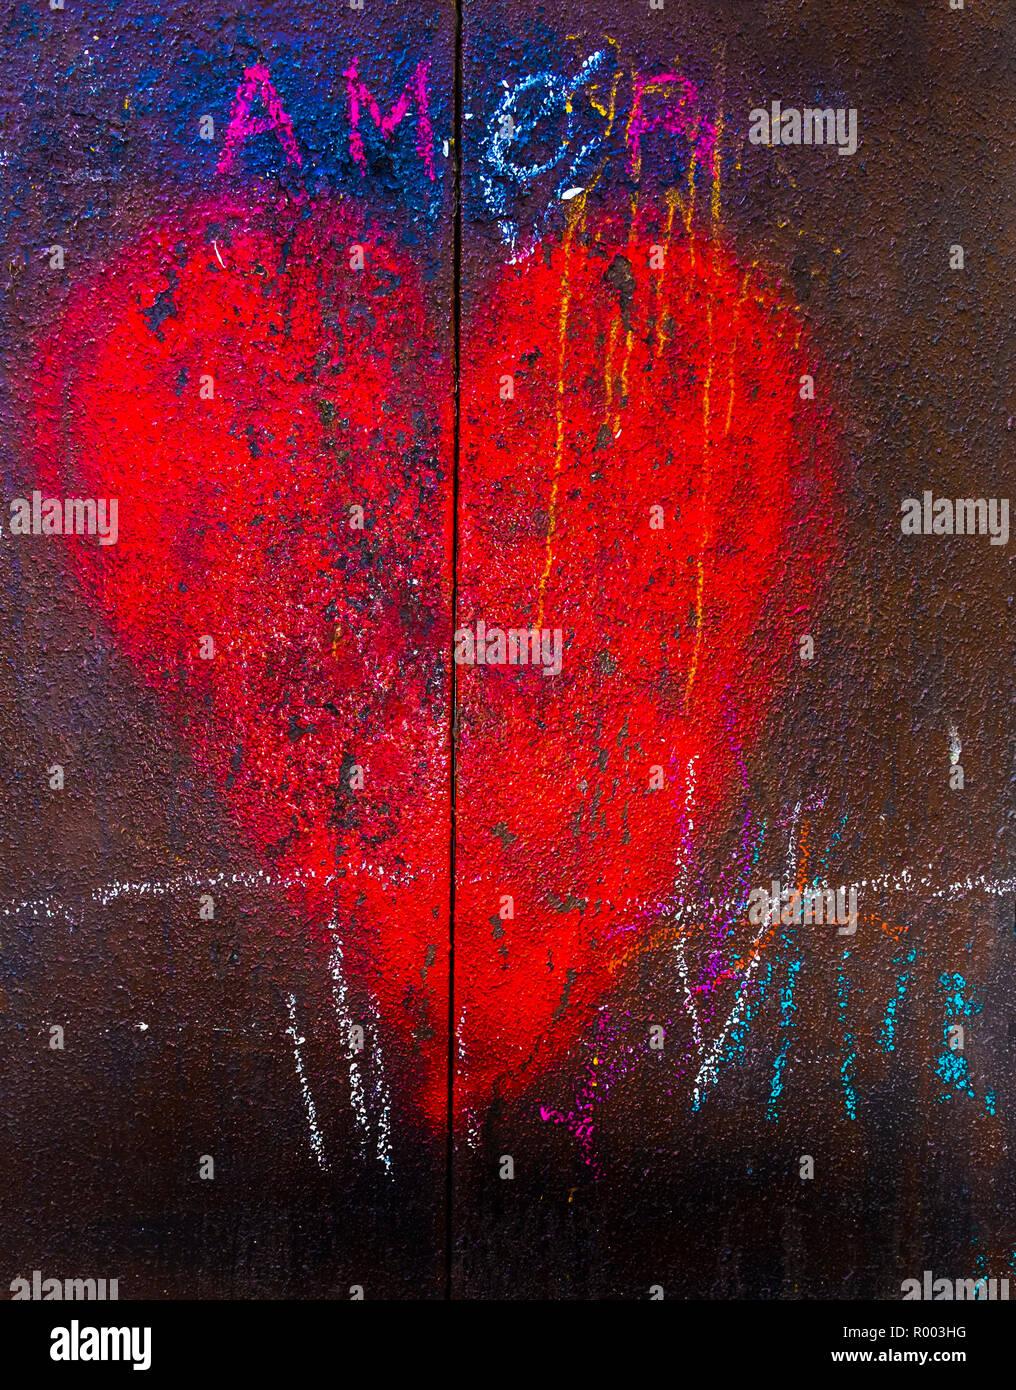 Corazón rojo sobre una puerta metálica oxidada y el wor: 'amor'. Imagen De Stock